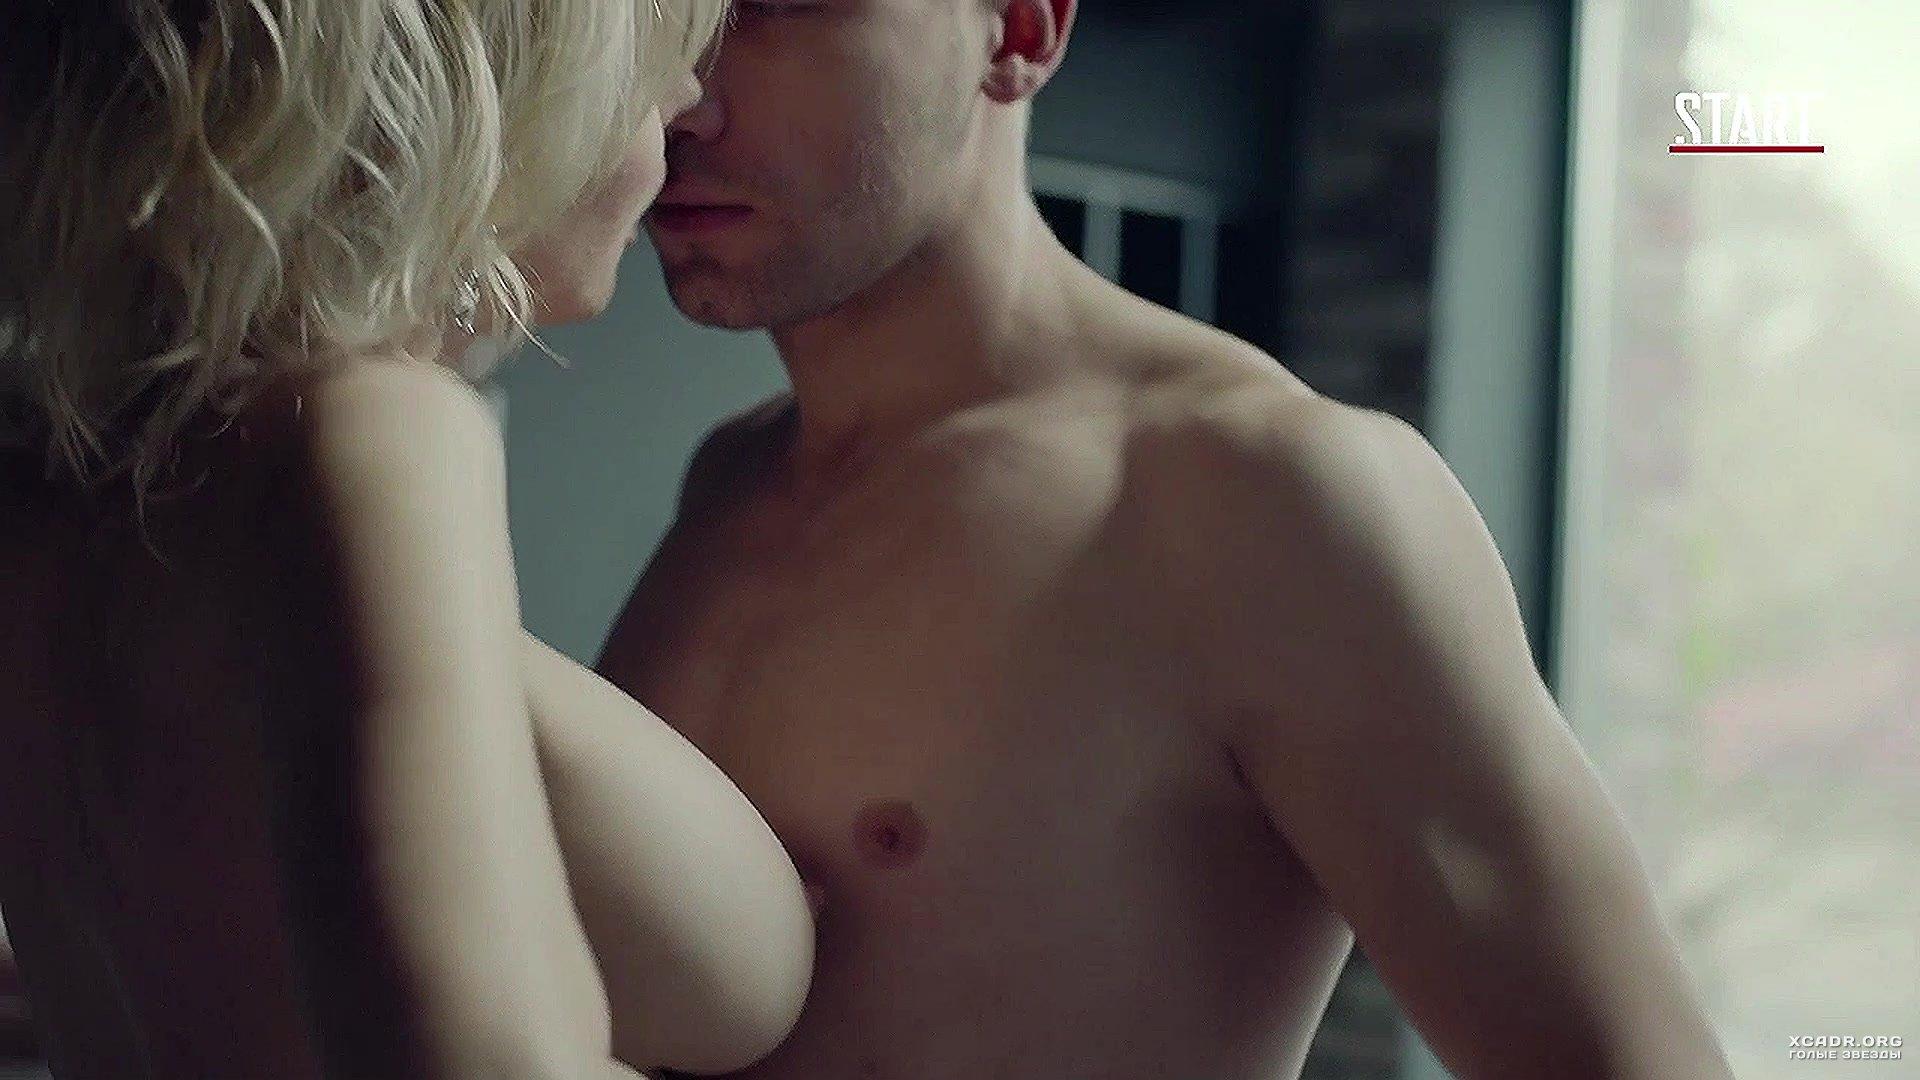 Секса Не Будет Фильм 2020 Смотреть Бесплатно